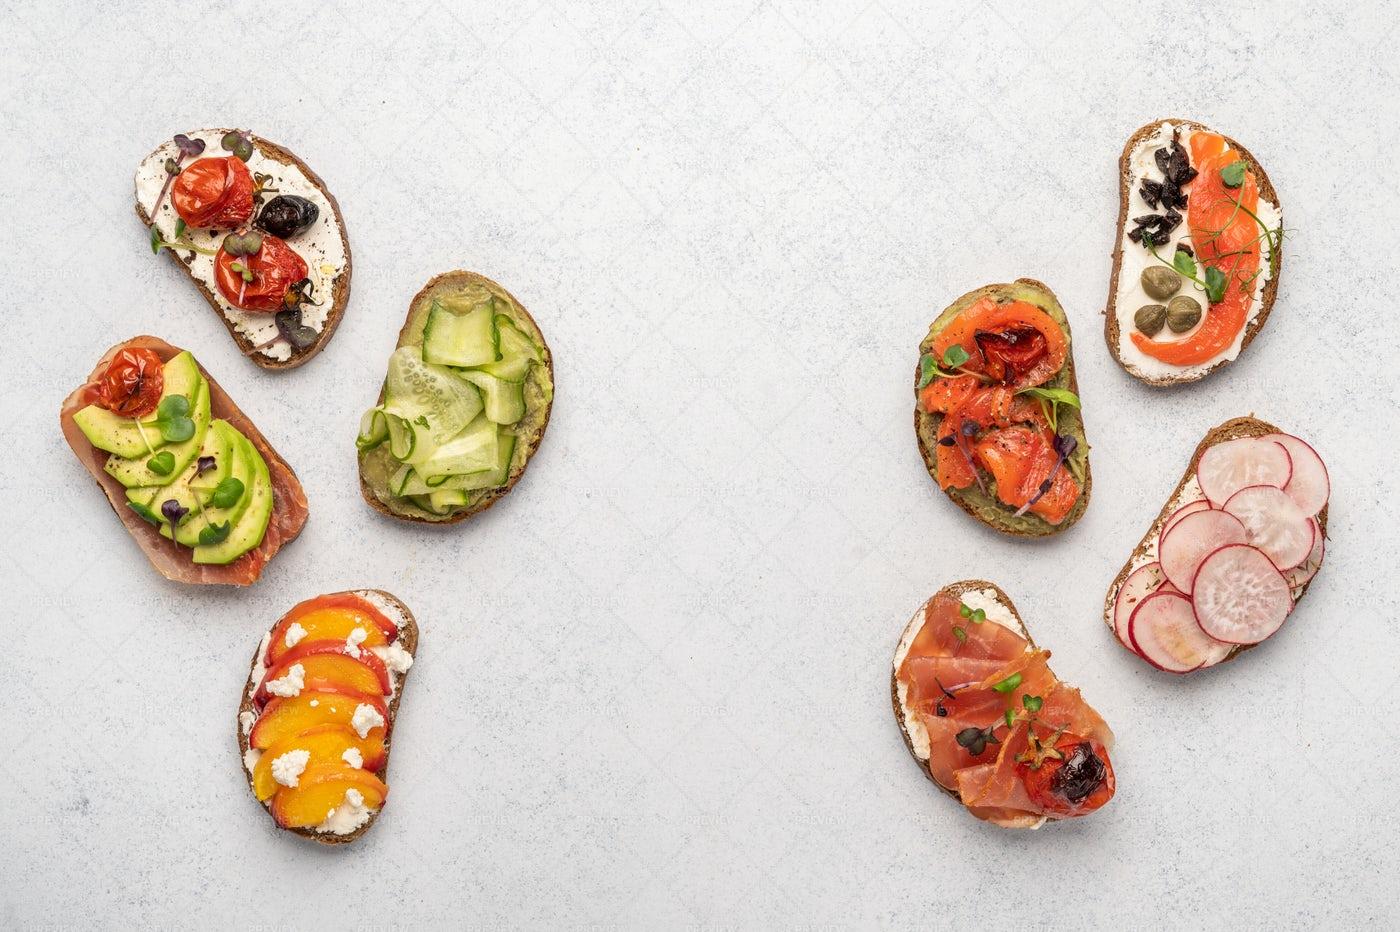 Healthy Toasts: Stock Photos